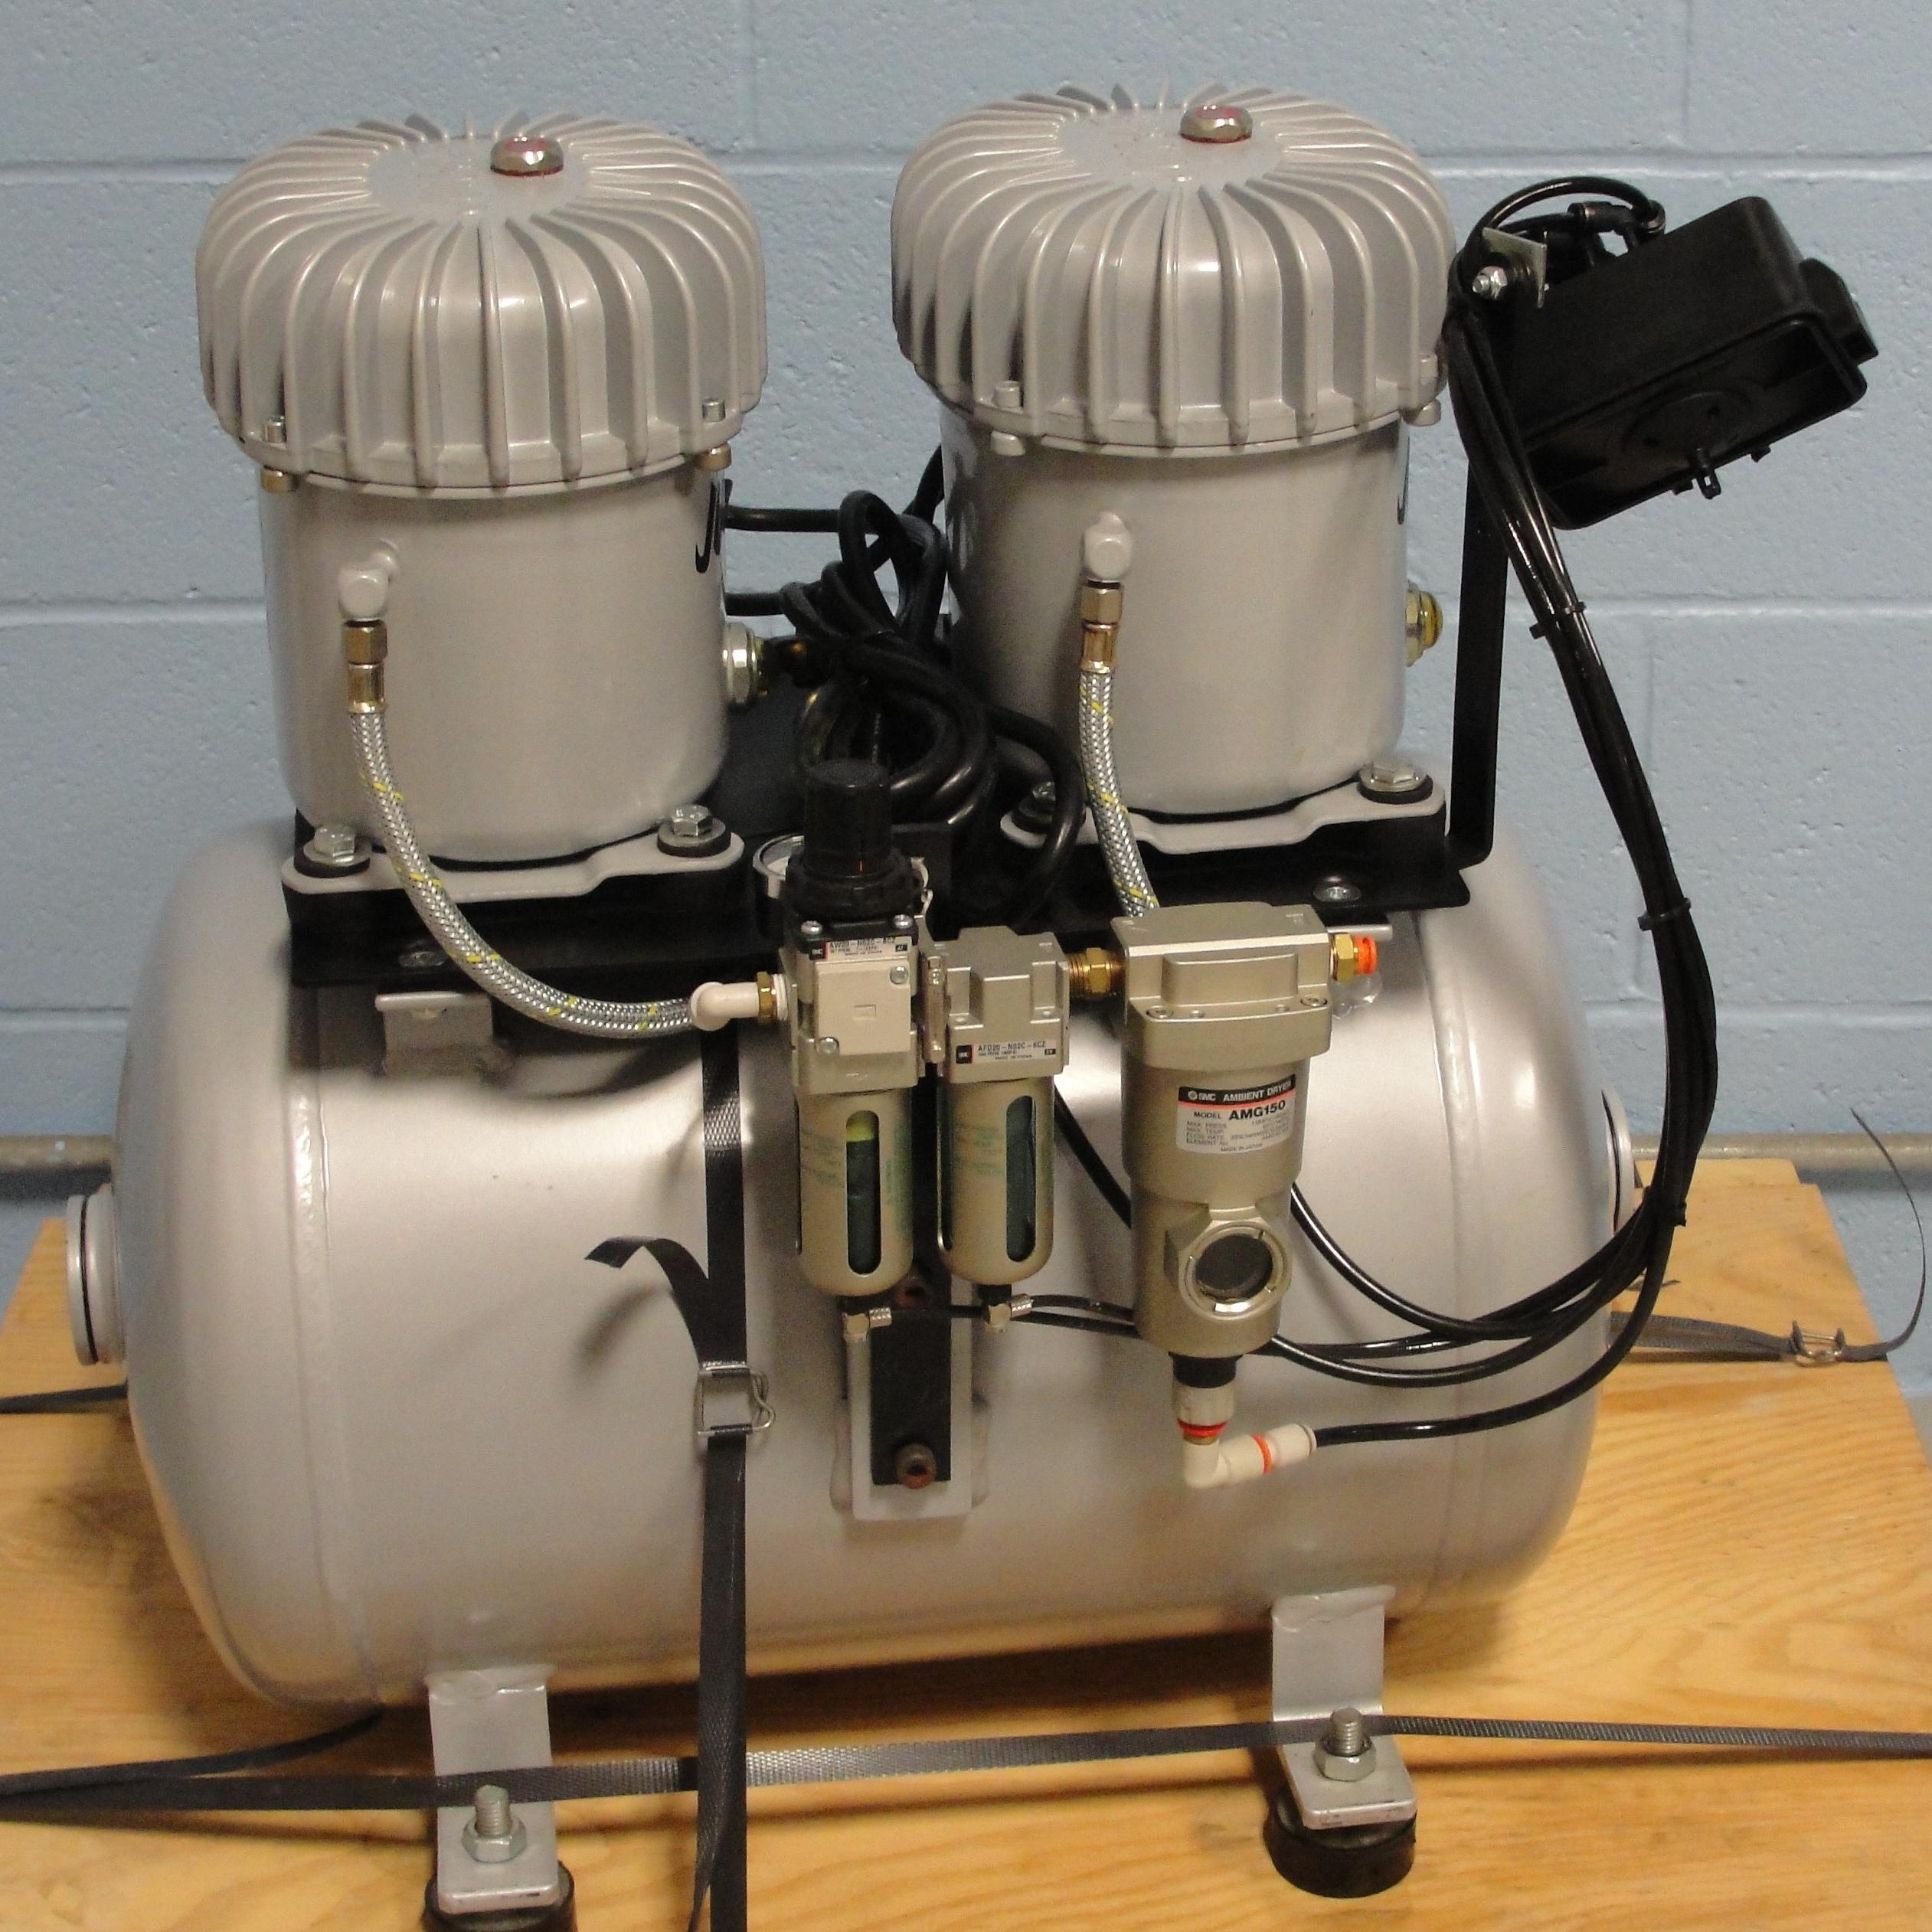 Refurbished Jun Air Model 12 40 Quiet Air Compressor